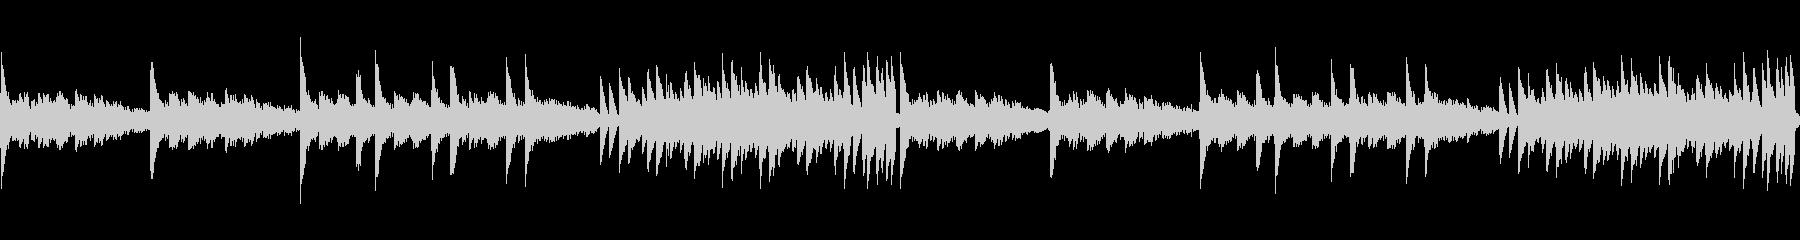 8bitクラシック-水族館-(ループ)の未再生の波形